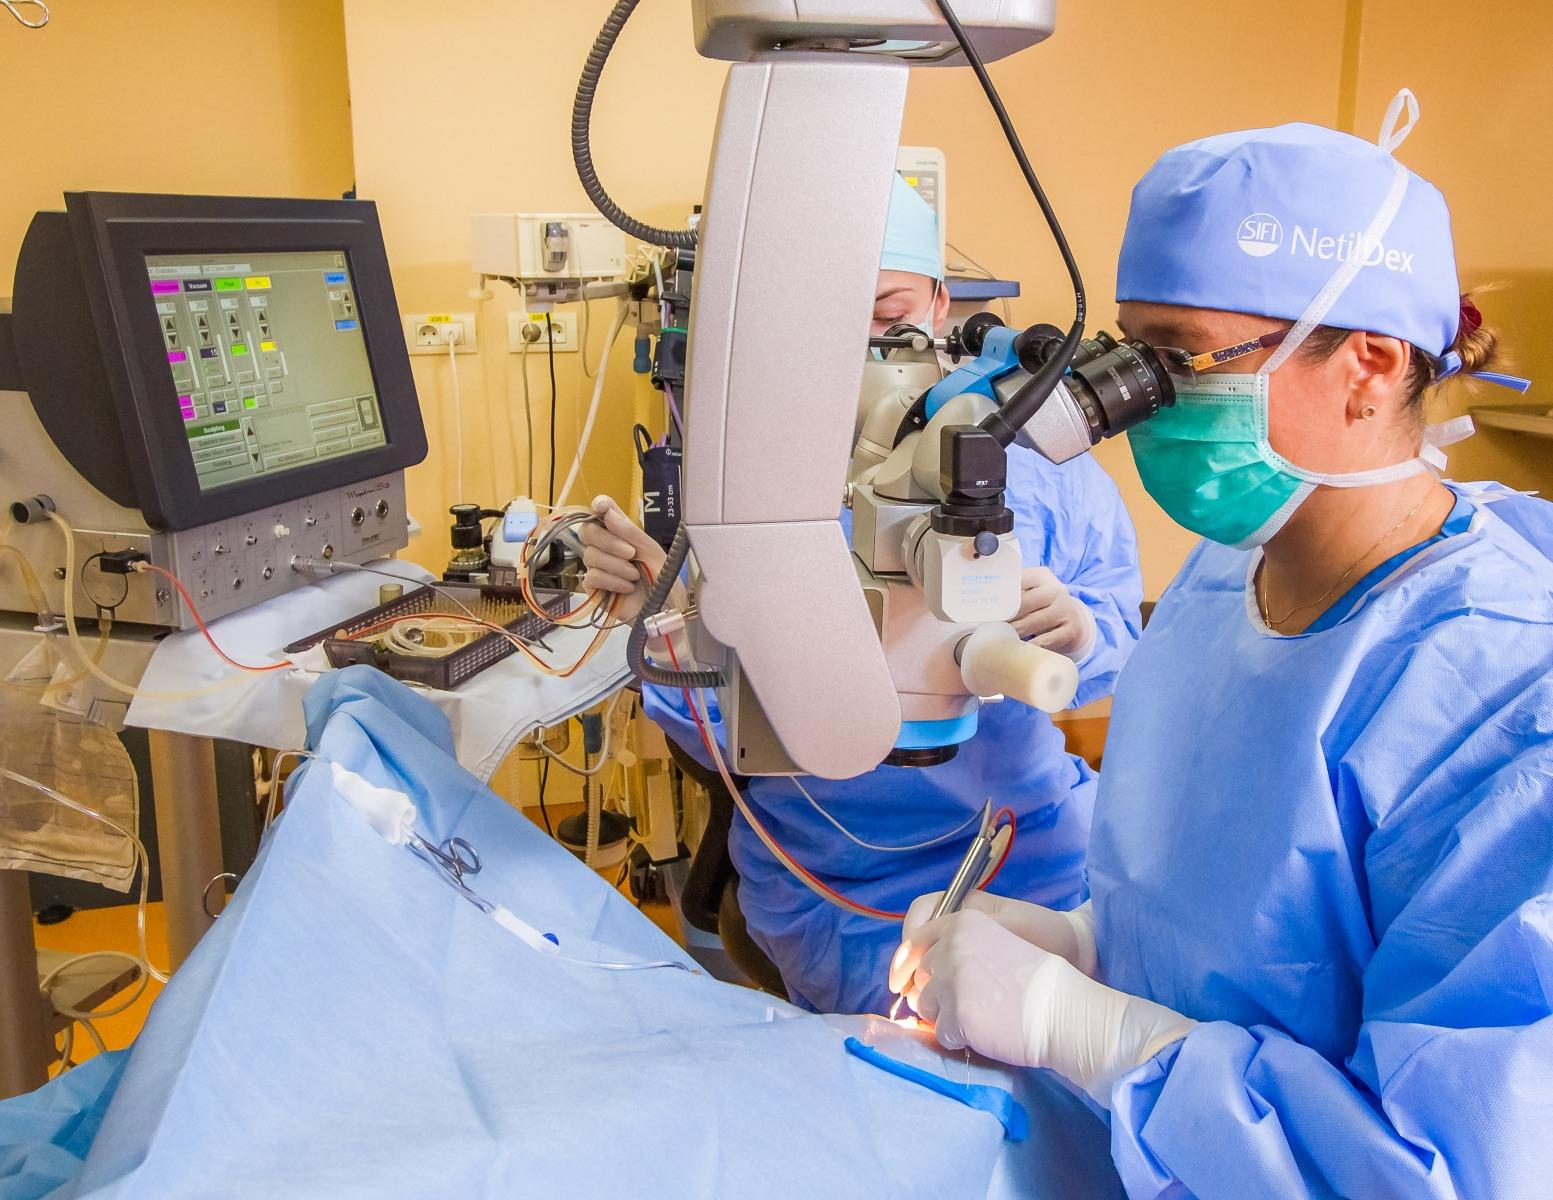 ouă de prepeliță și vedere efectuează operații pentru hipermetropie